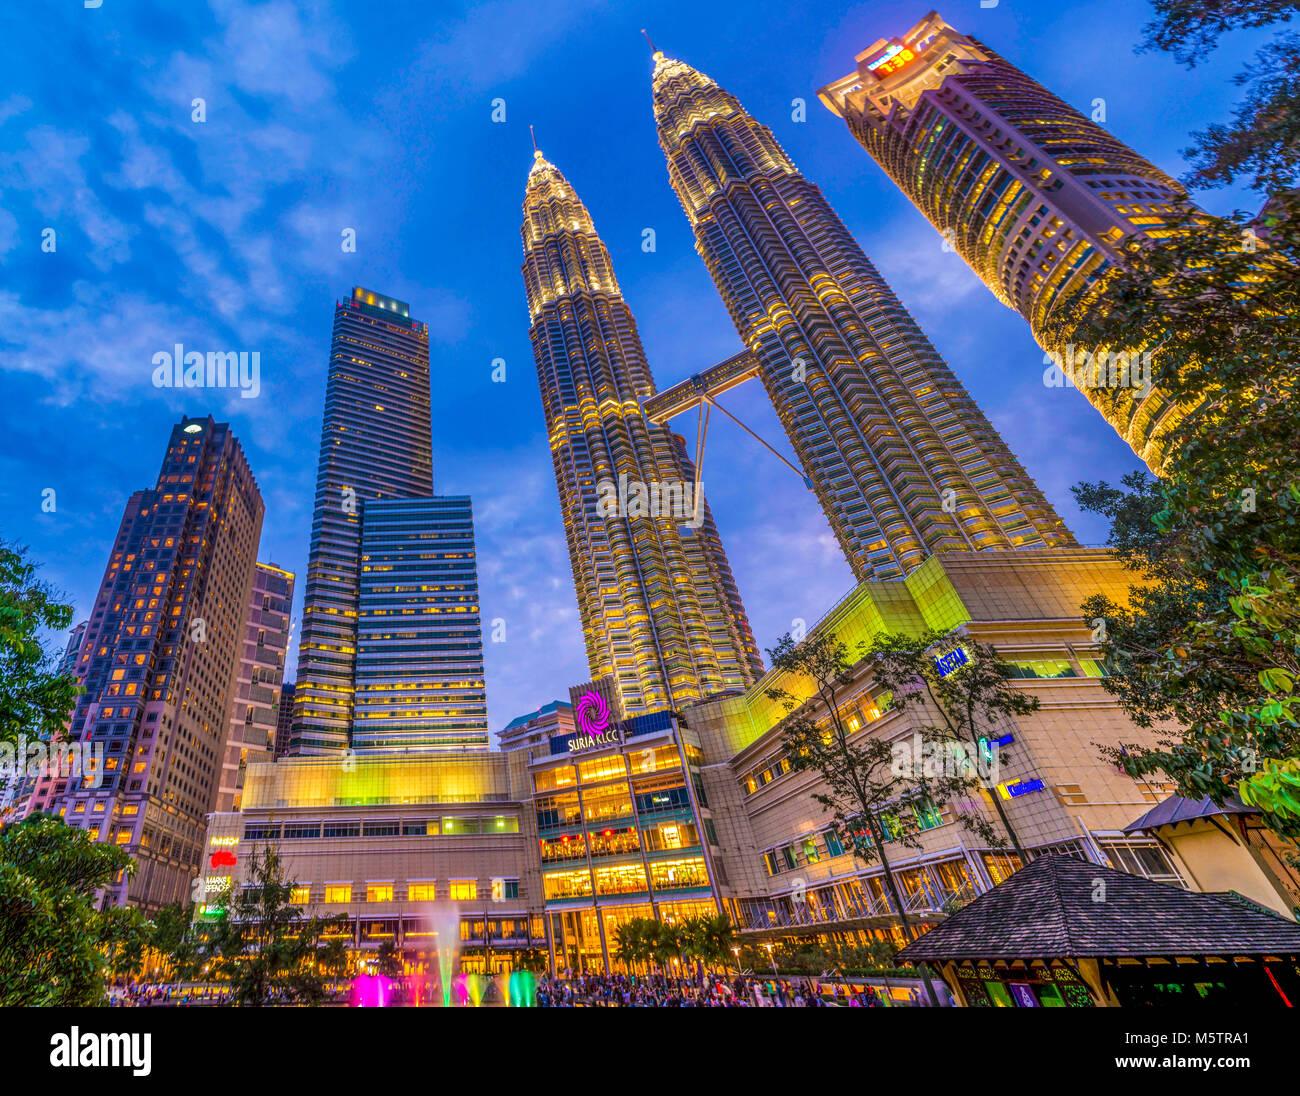 Kuala Lumpur neon night Petronas Towers KLCC Park illuminated Malaysia - Stock Image